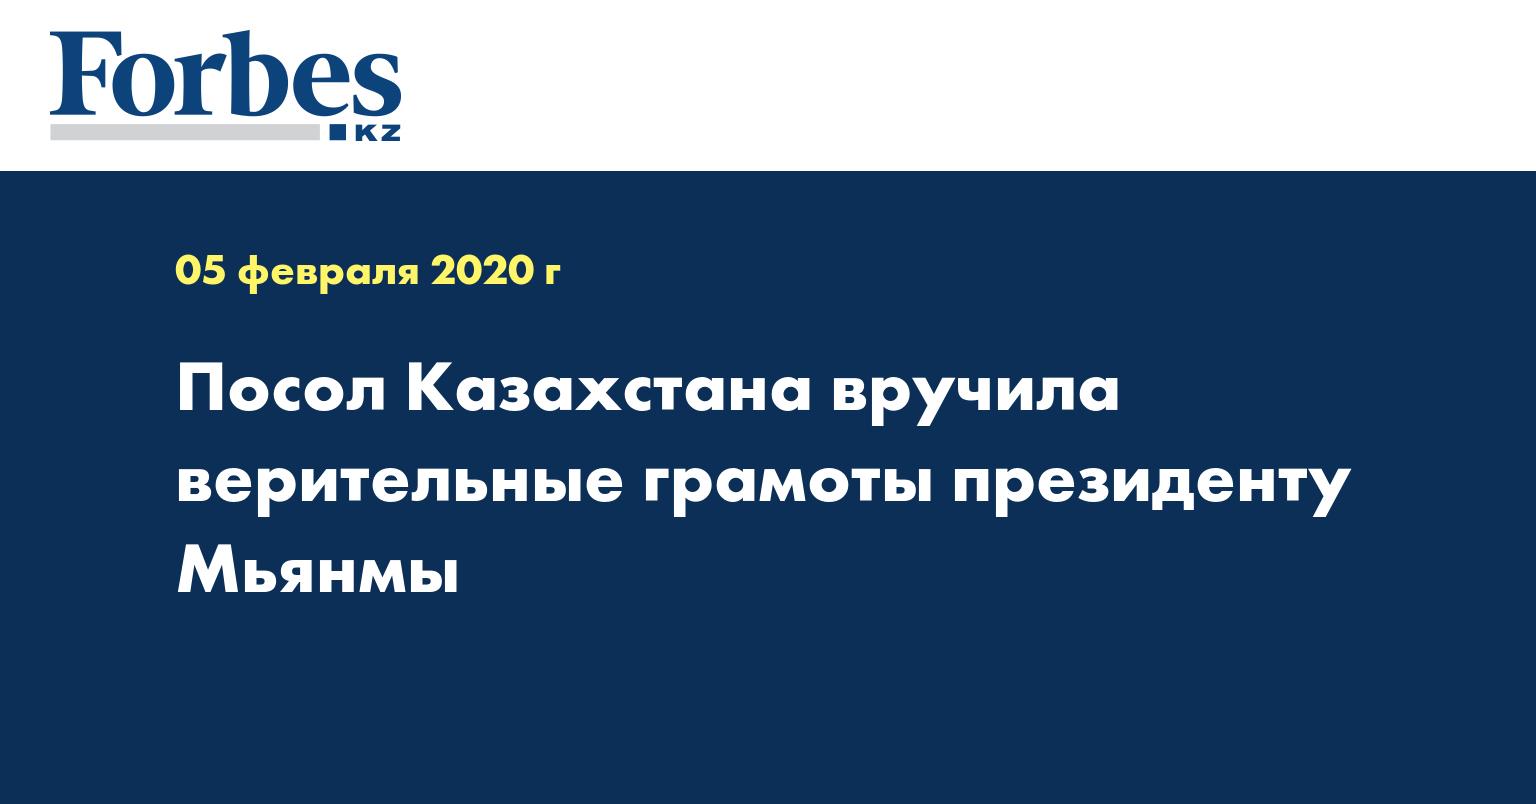 Посол Казахстана вручила верительные грамоты президенту Мьянмы